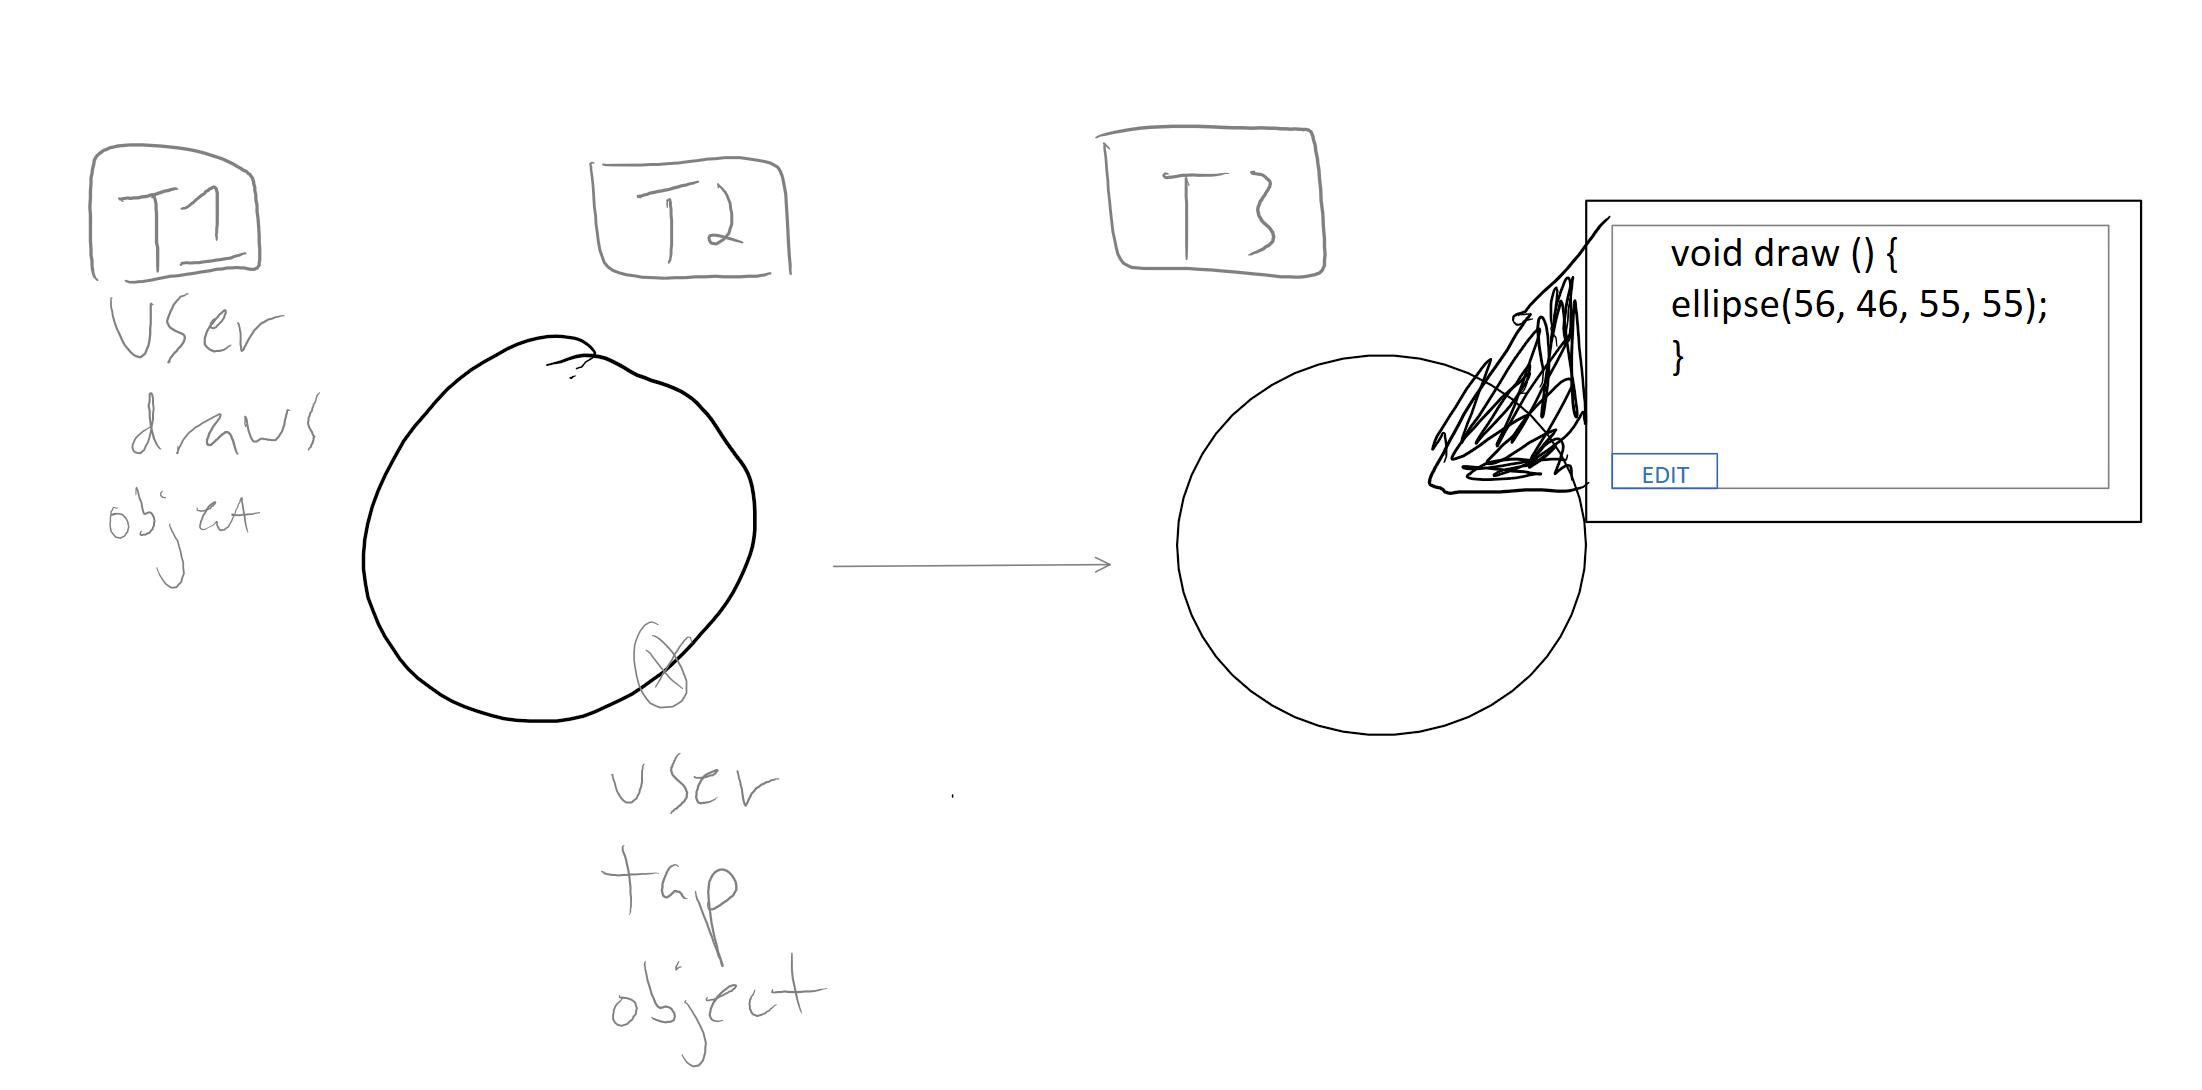 shapeloop